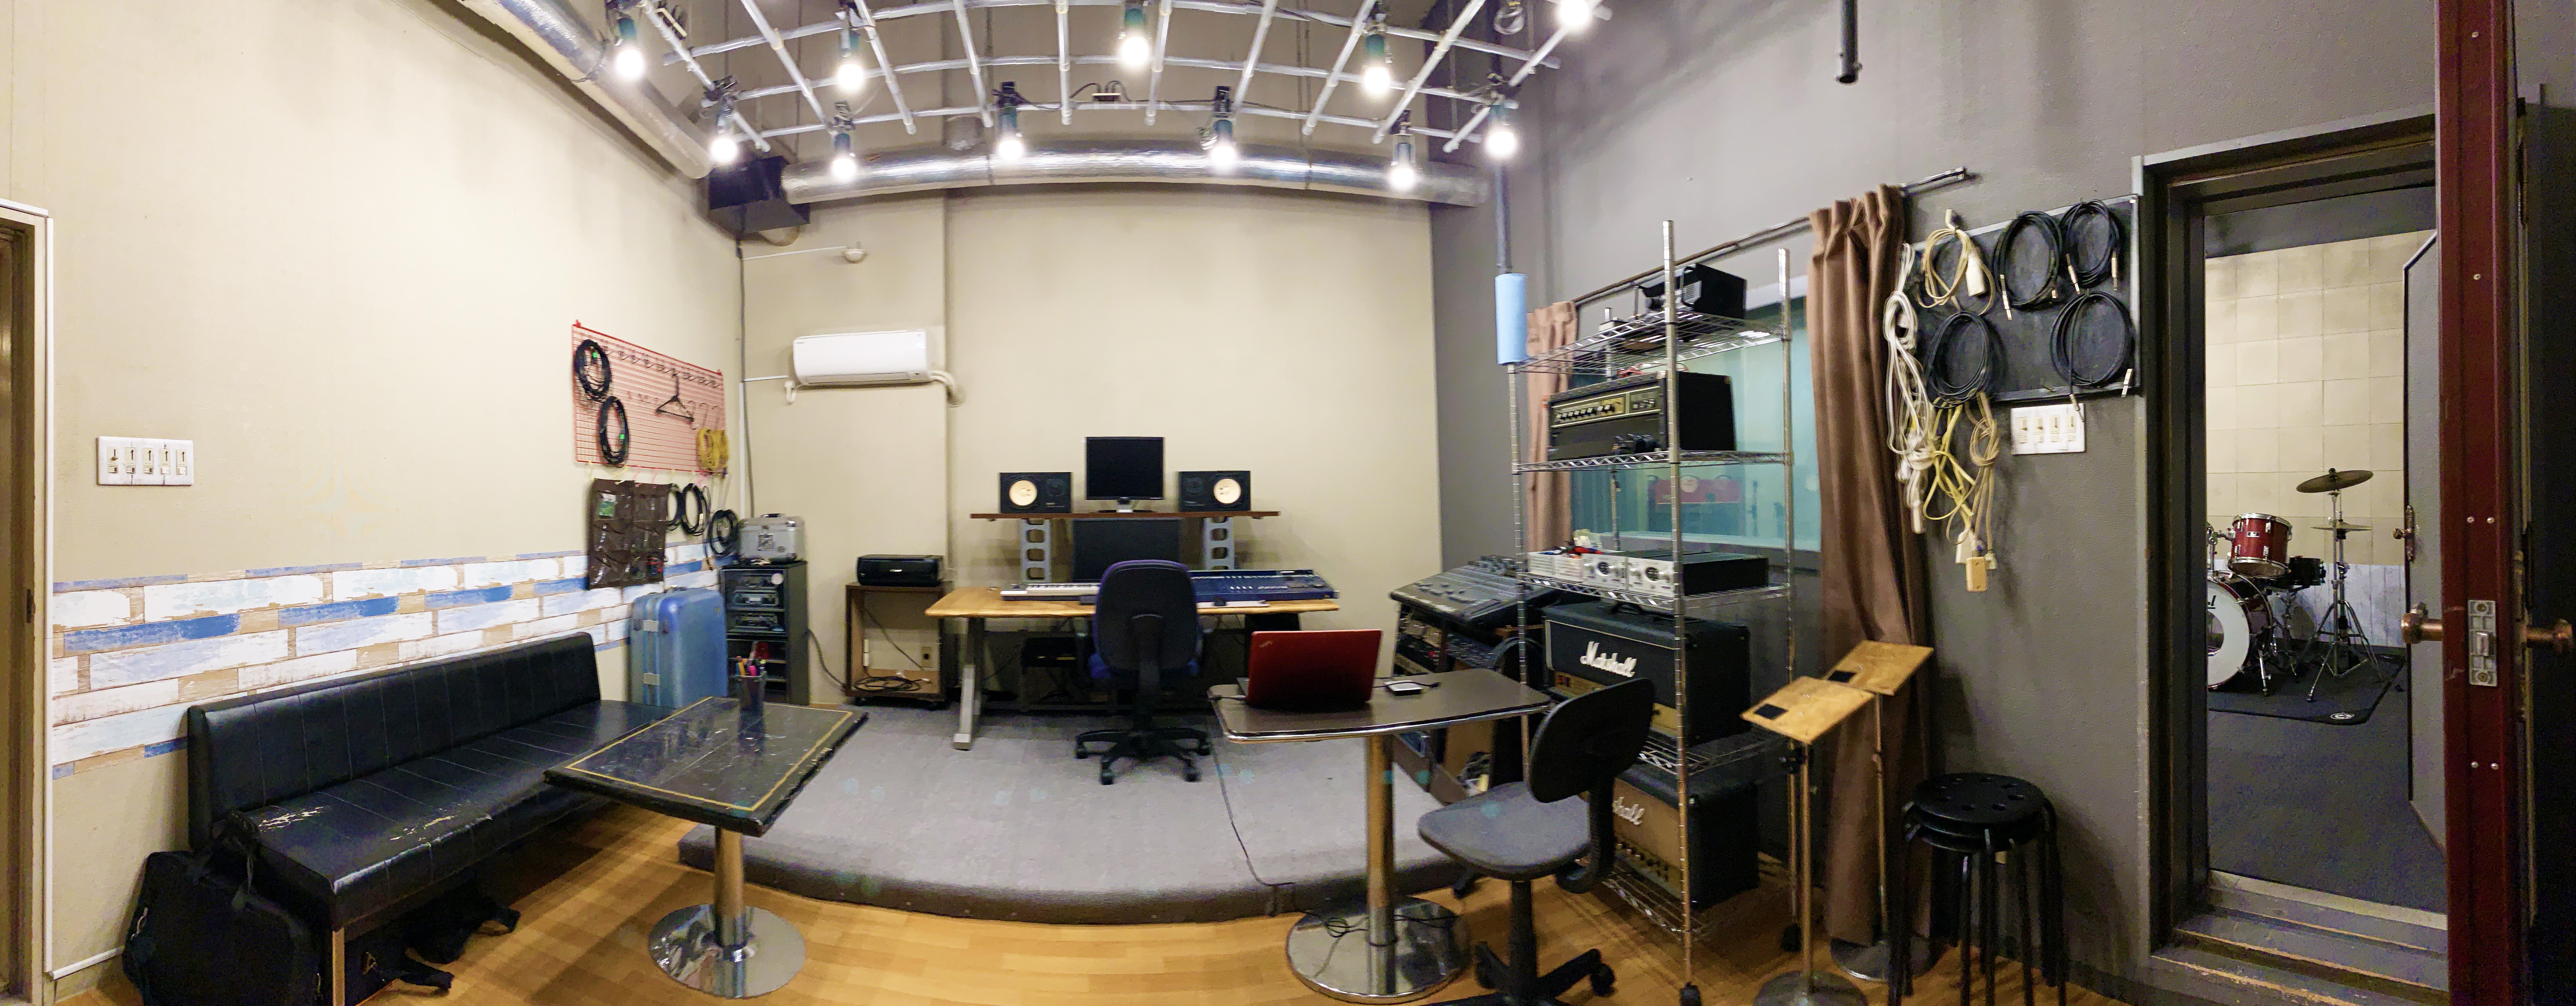 スタジオ前景